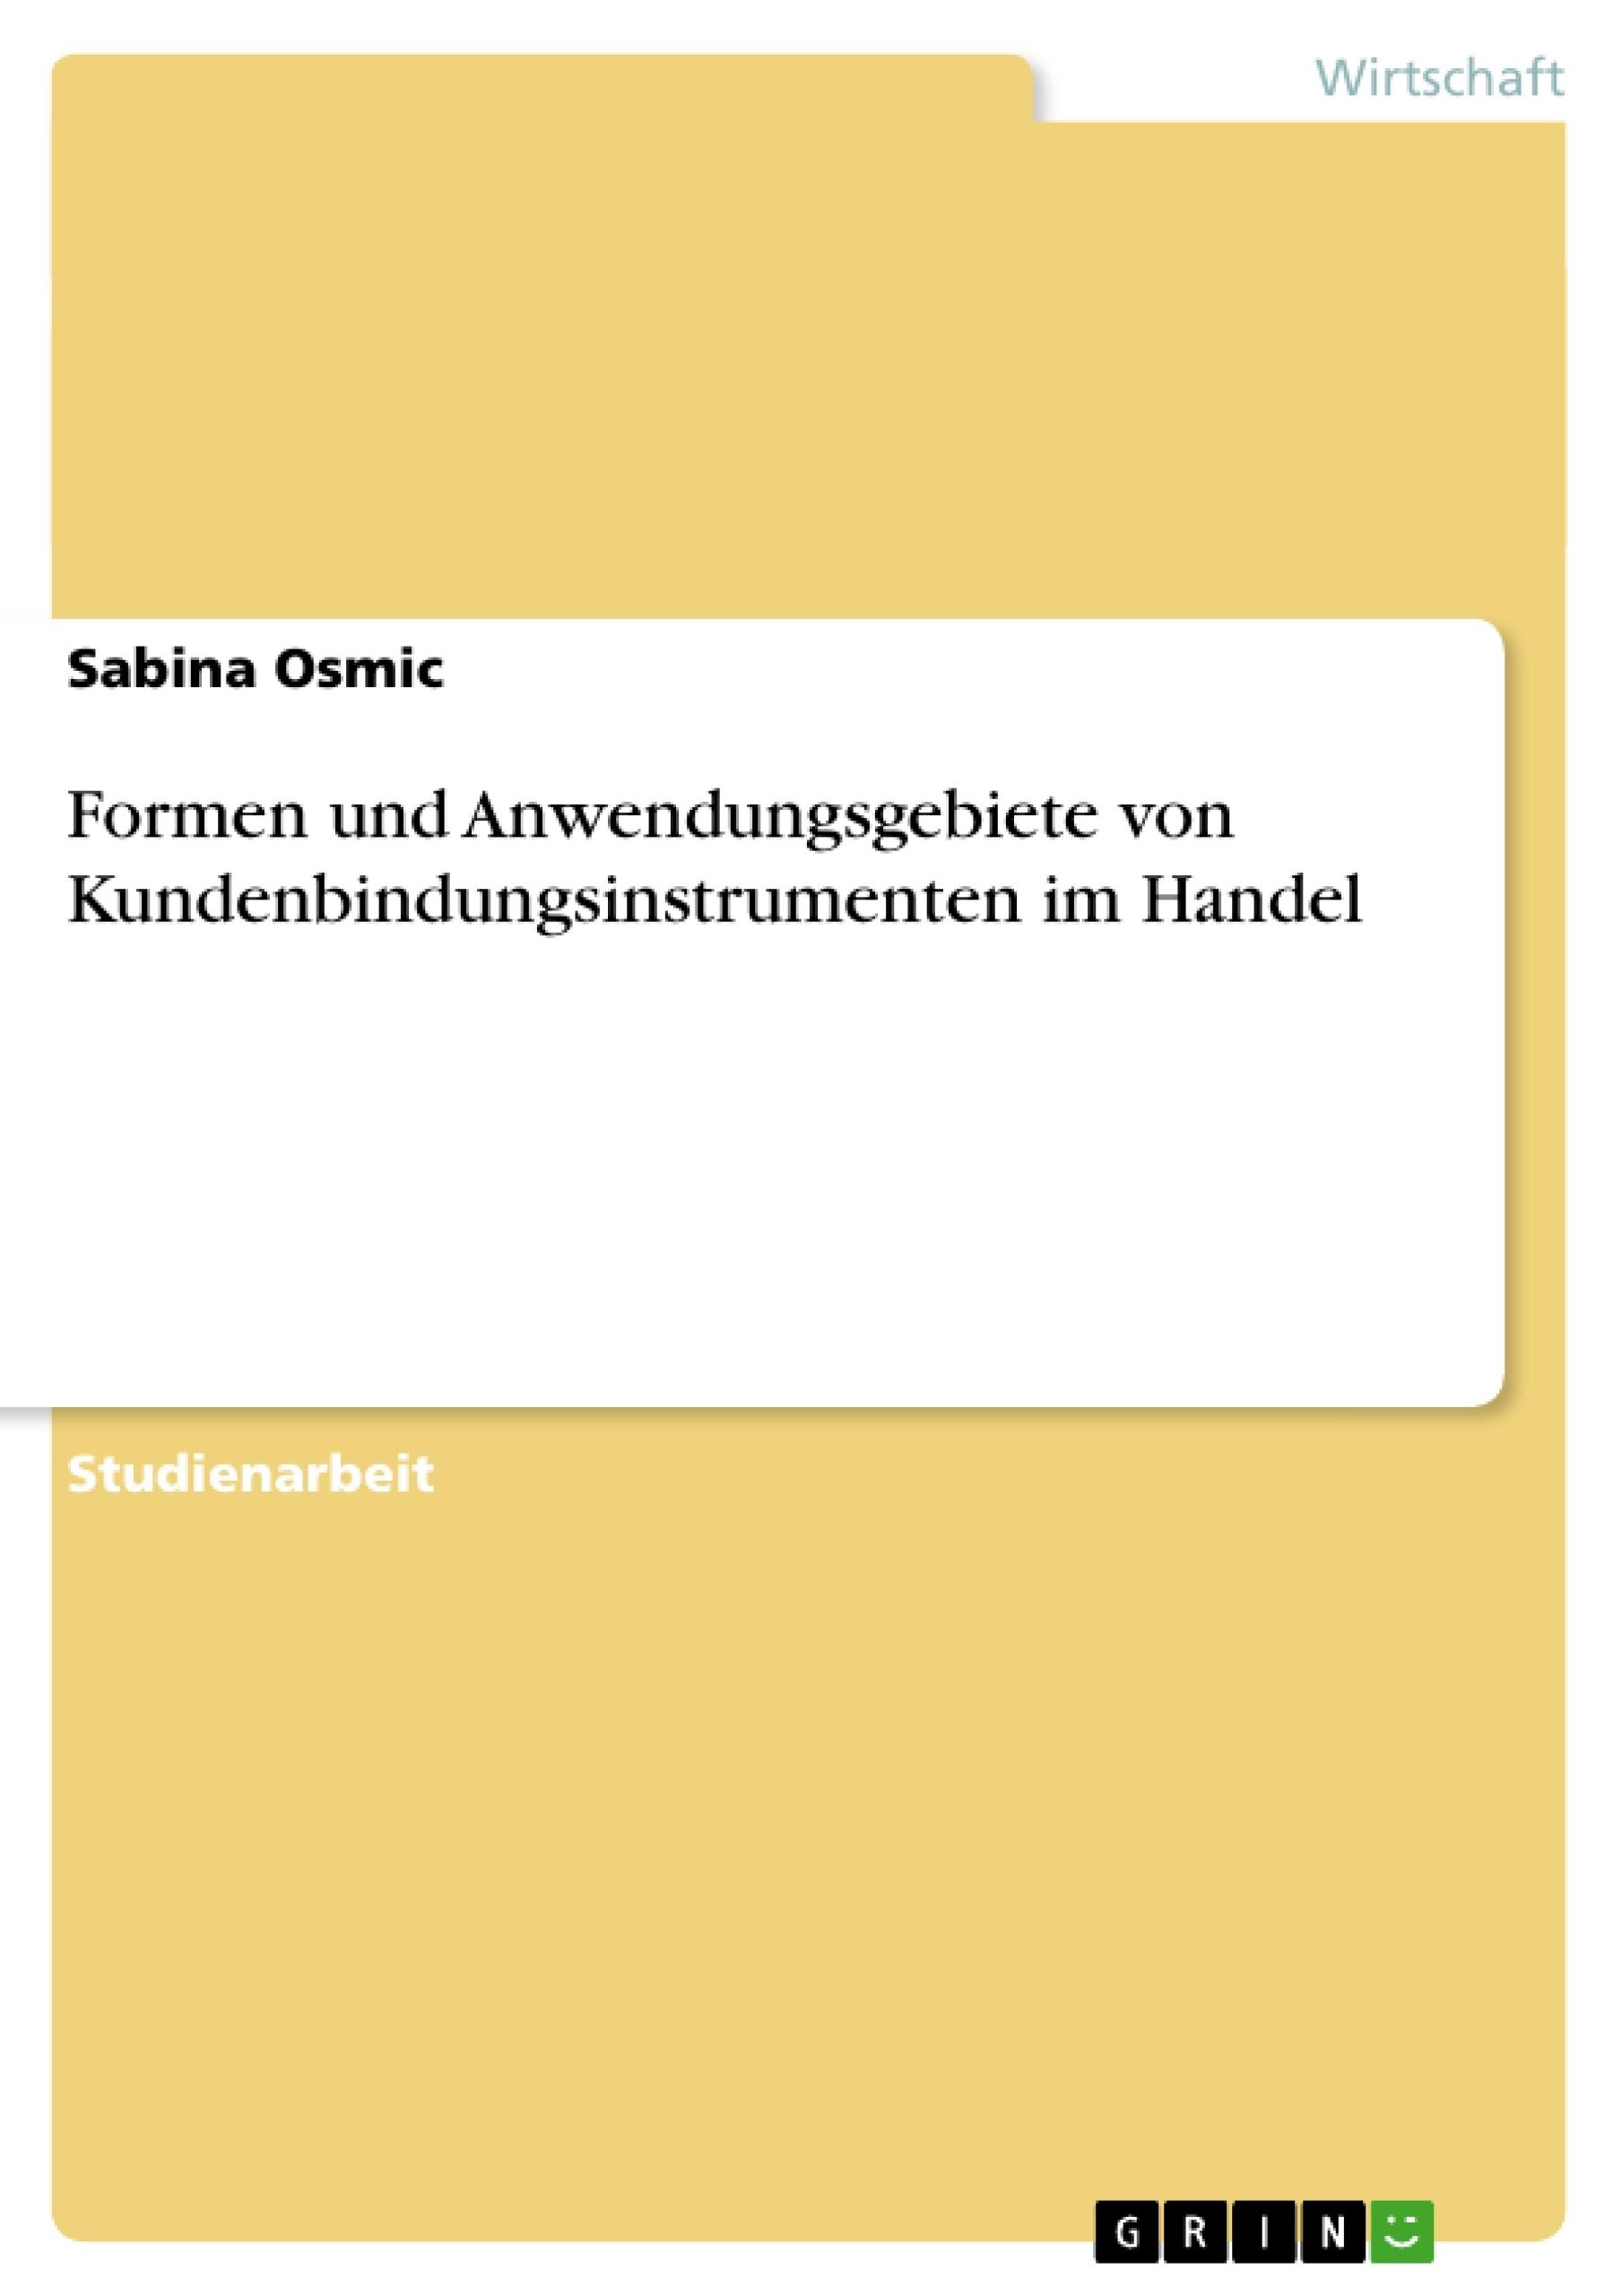 Titel: Formen und Anwendungsgebiete von Kundenbindungsinstrumenten im Handel